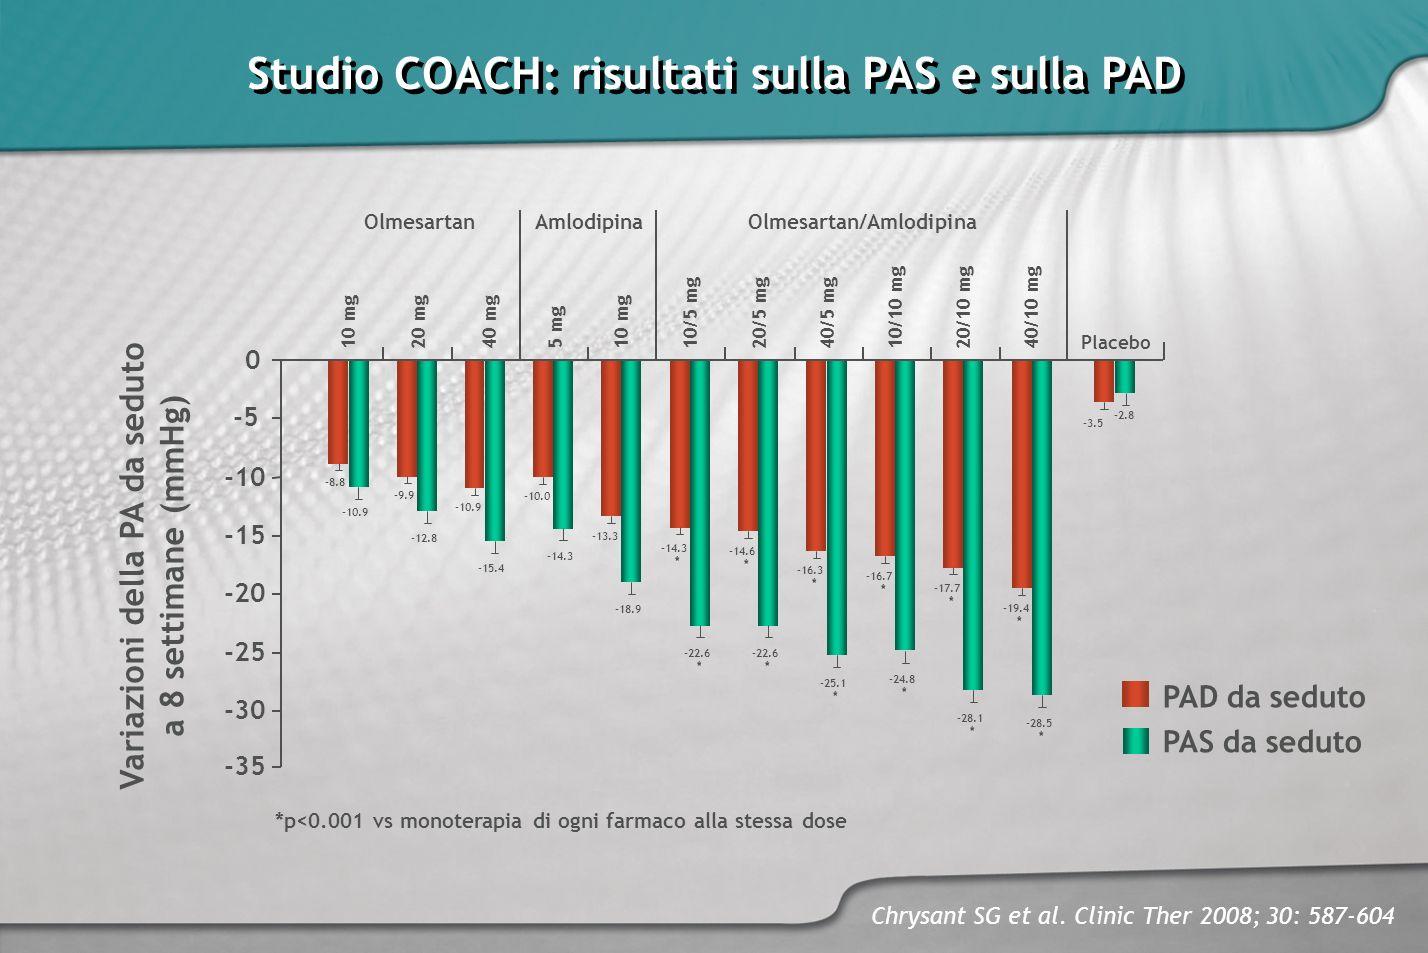 Studio COACH: risultati sulla PAS e sulla PAD